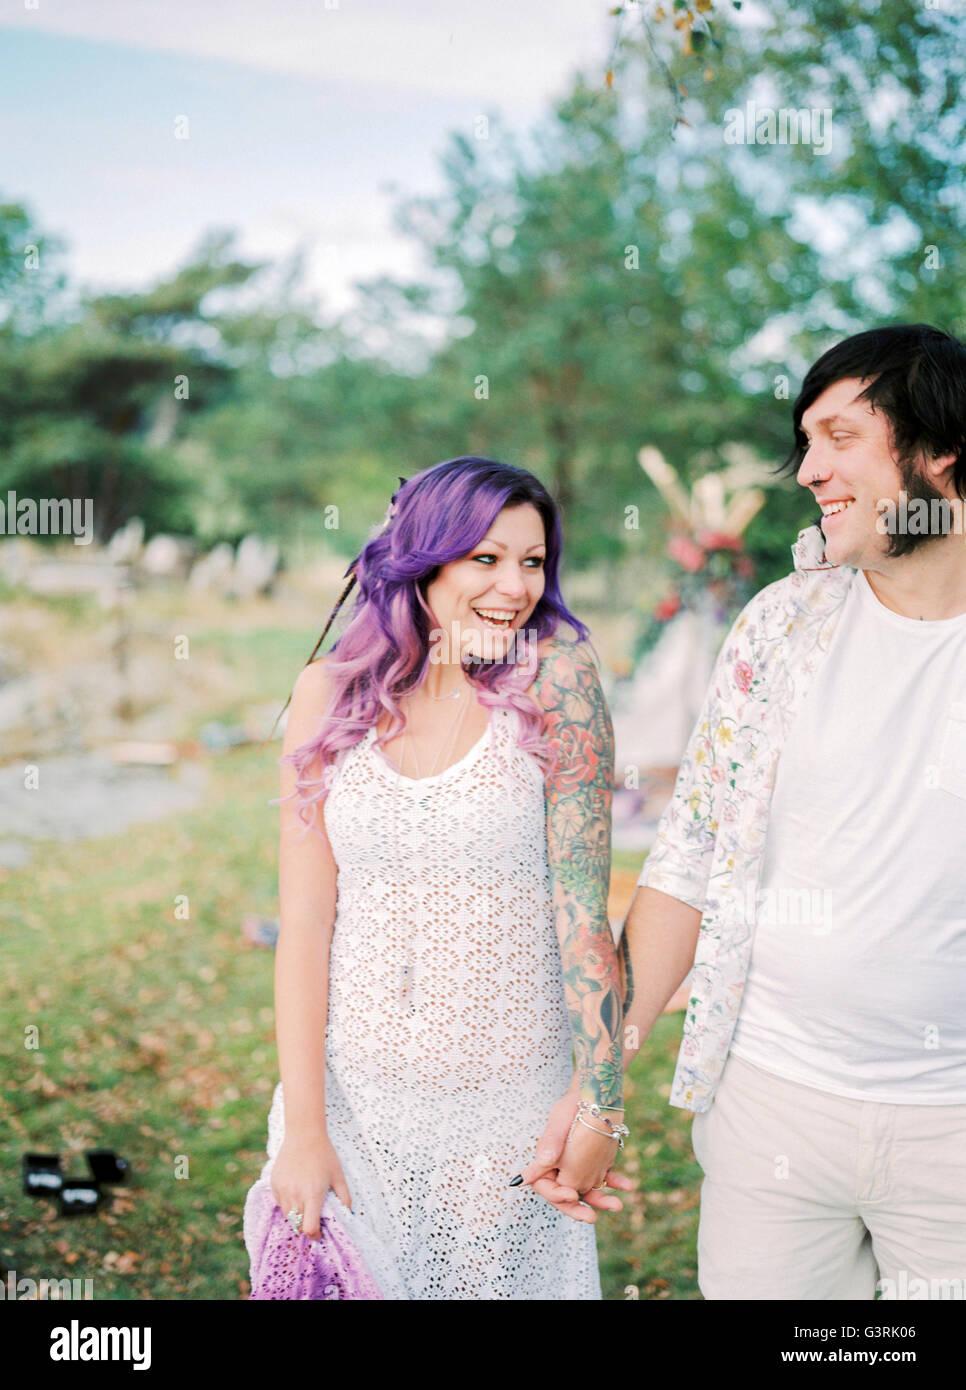 Suecia, la novia y el novio de pie manos a la boda hippie Imagen De Stock